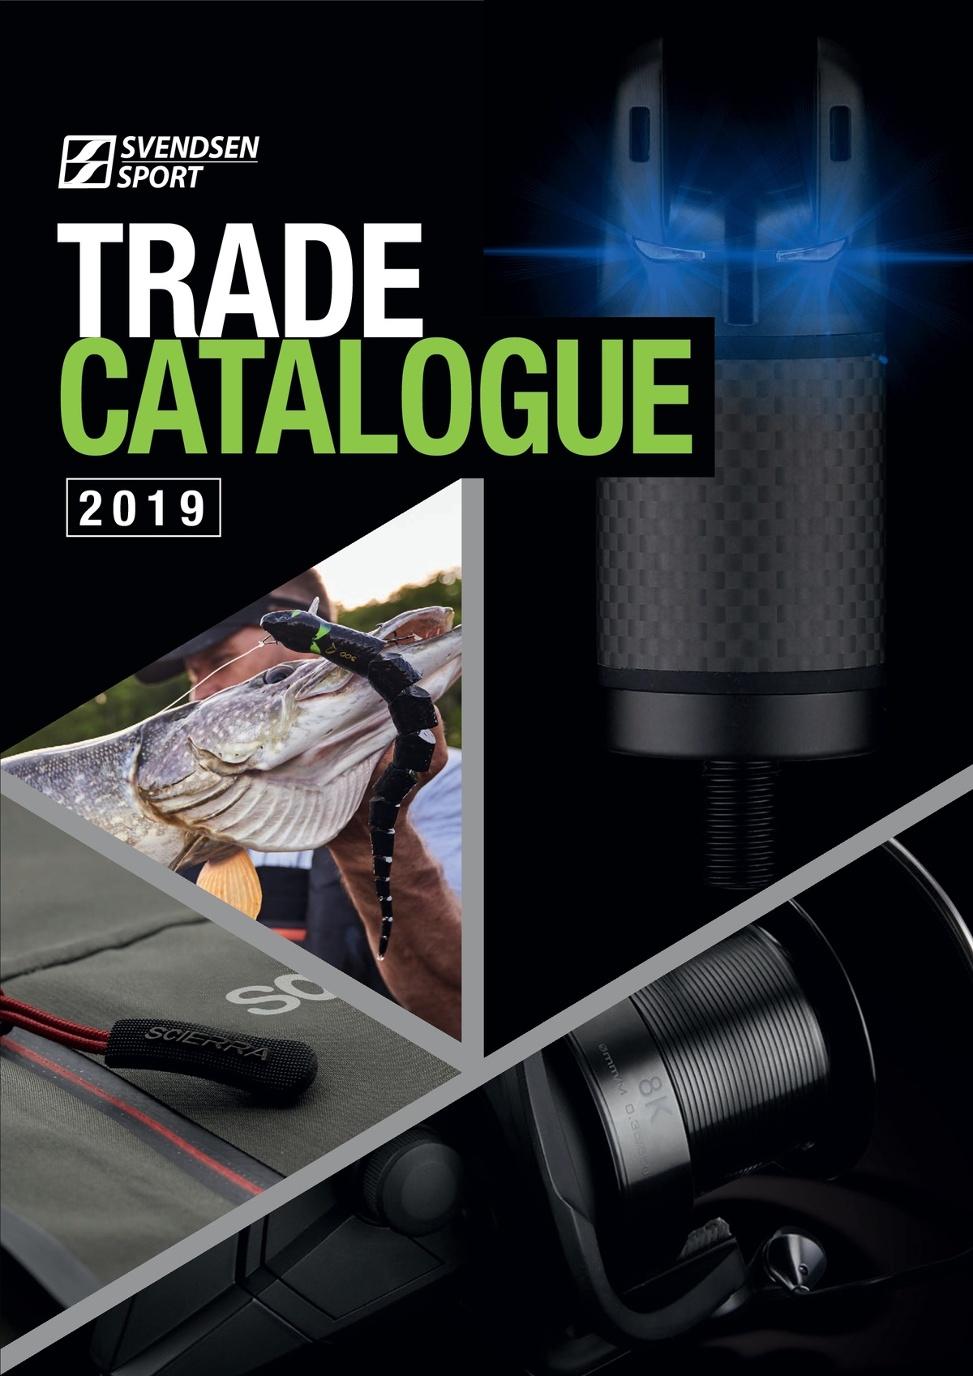 Svendsen Sport Trade Catalogue 2019 Lt Pro Dual Function Dark 02r 14 Gr Page 1